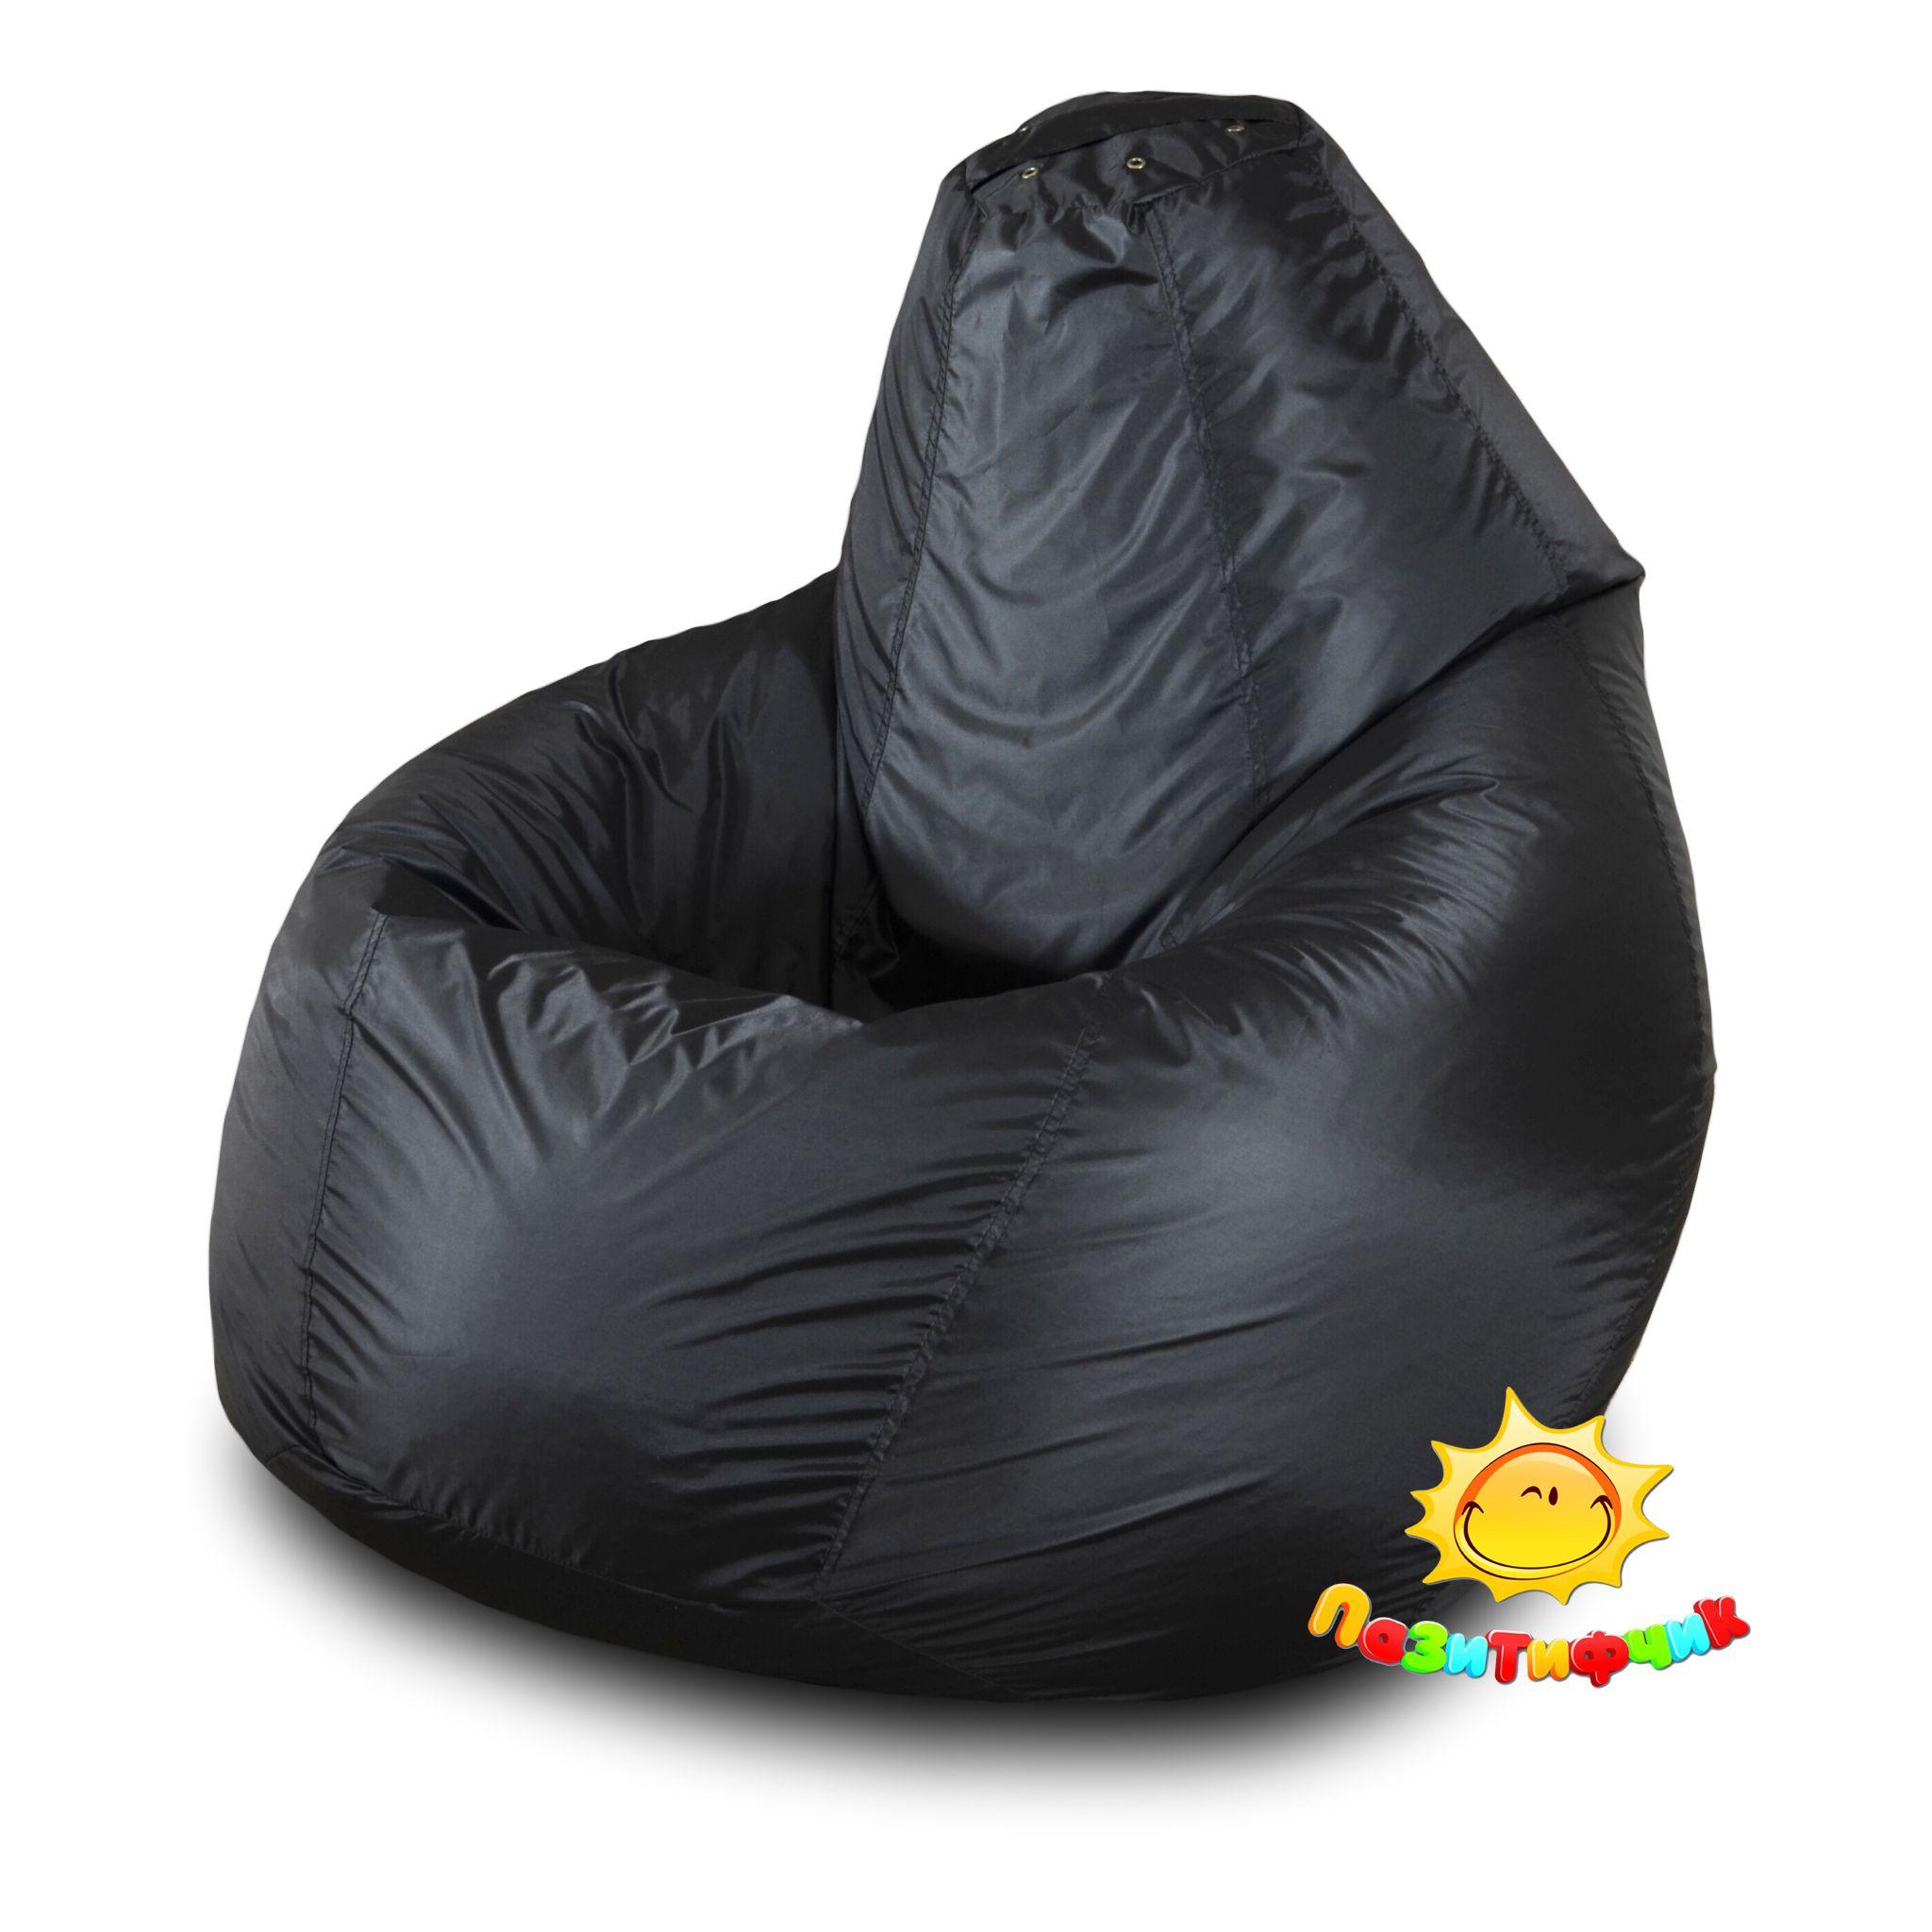 Кресло-мешок Pazitif Груша Пазитифчик Оксфорд, размер XL, оксфорд, черный фото